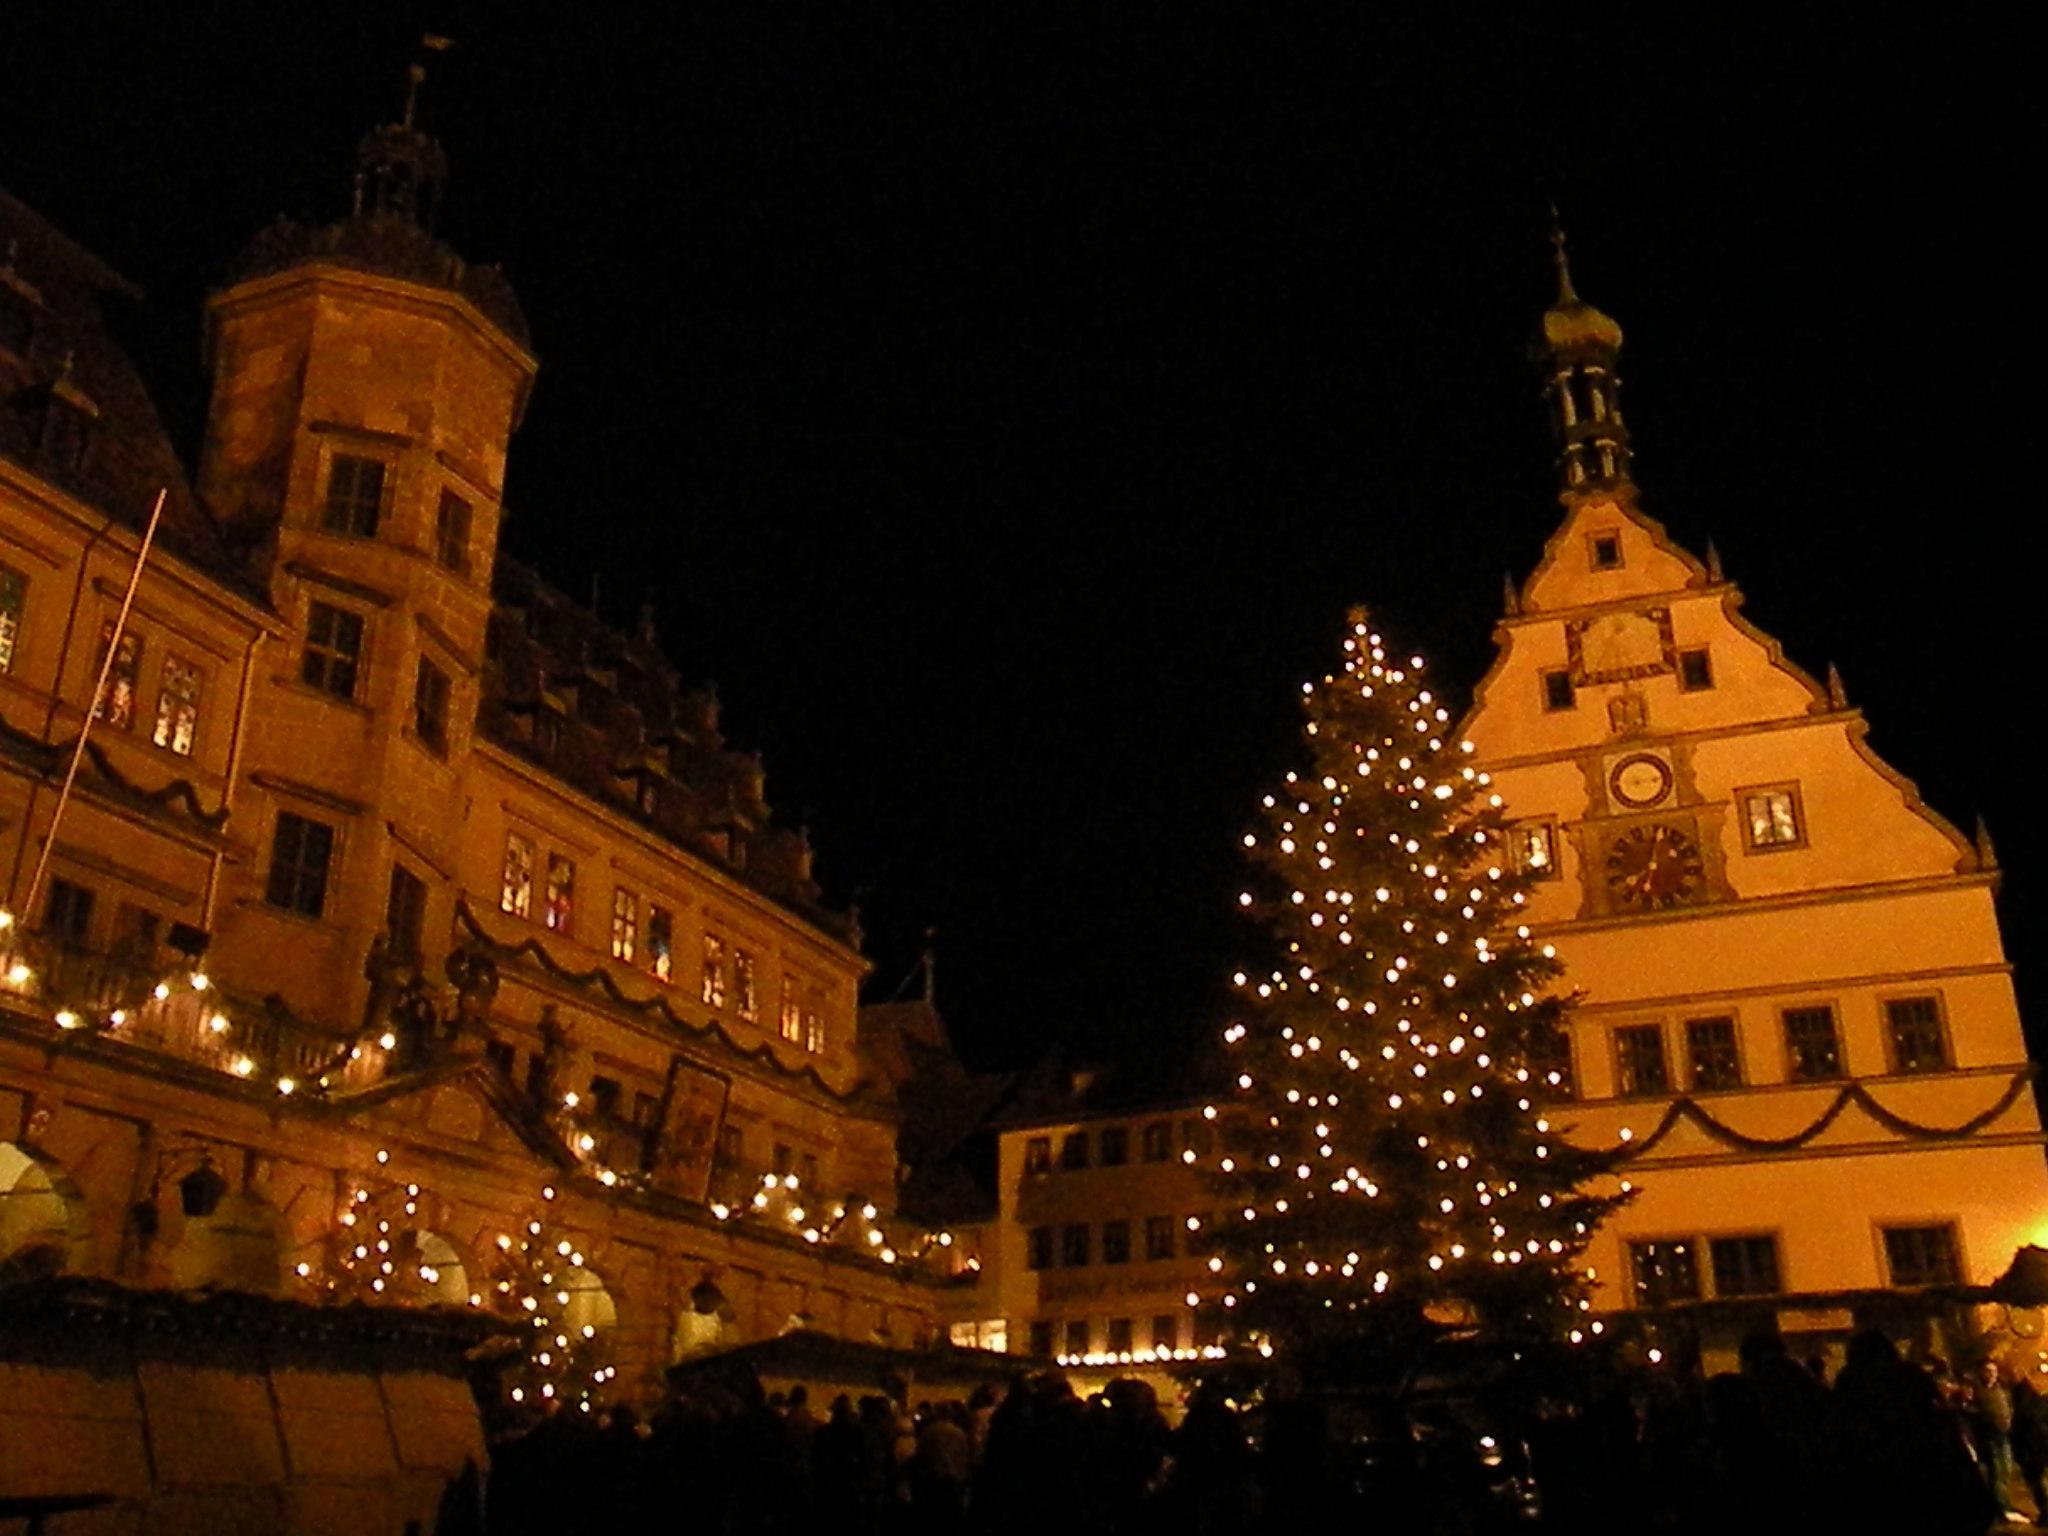 File:Rothenburg ob der Tauber Christmas market.JPG - Wikimedia Commons